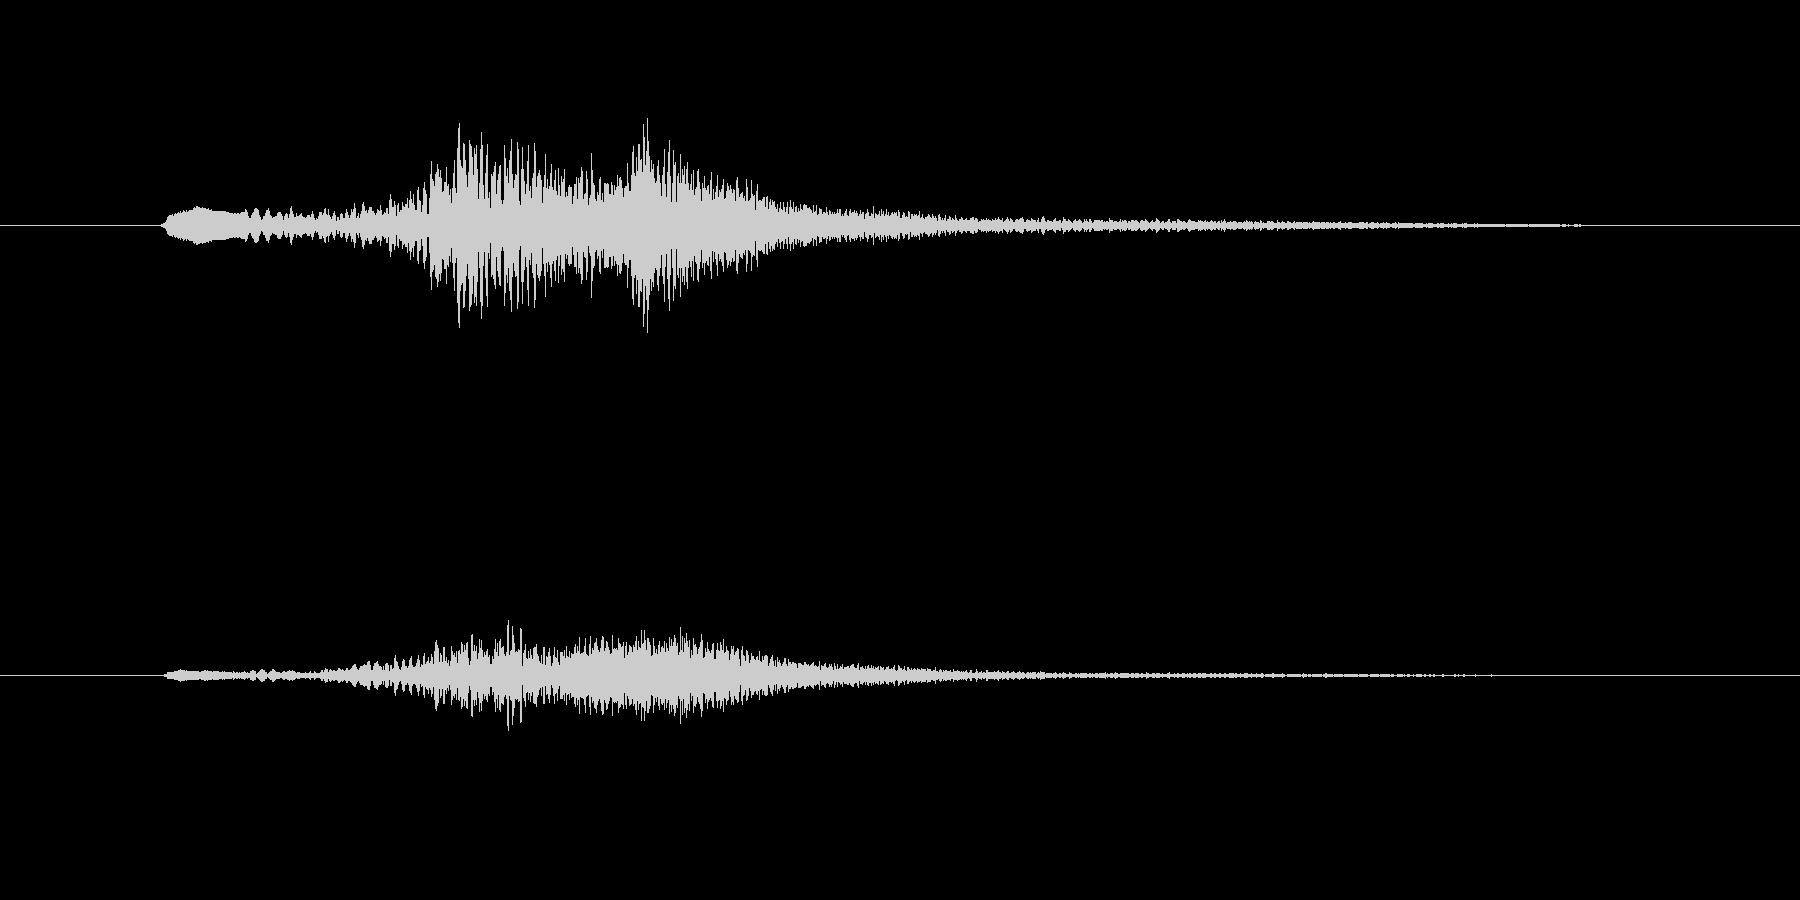 グランドハープのグリッサンド inA♭の未再生の波形